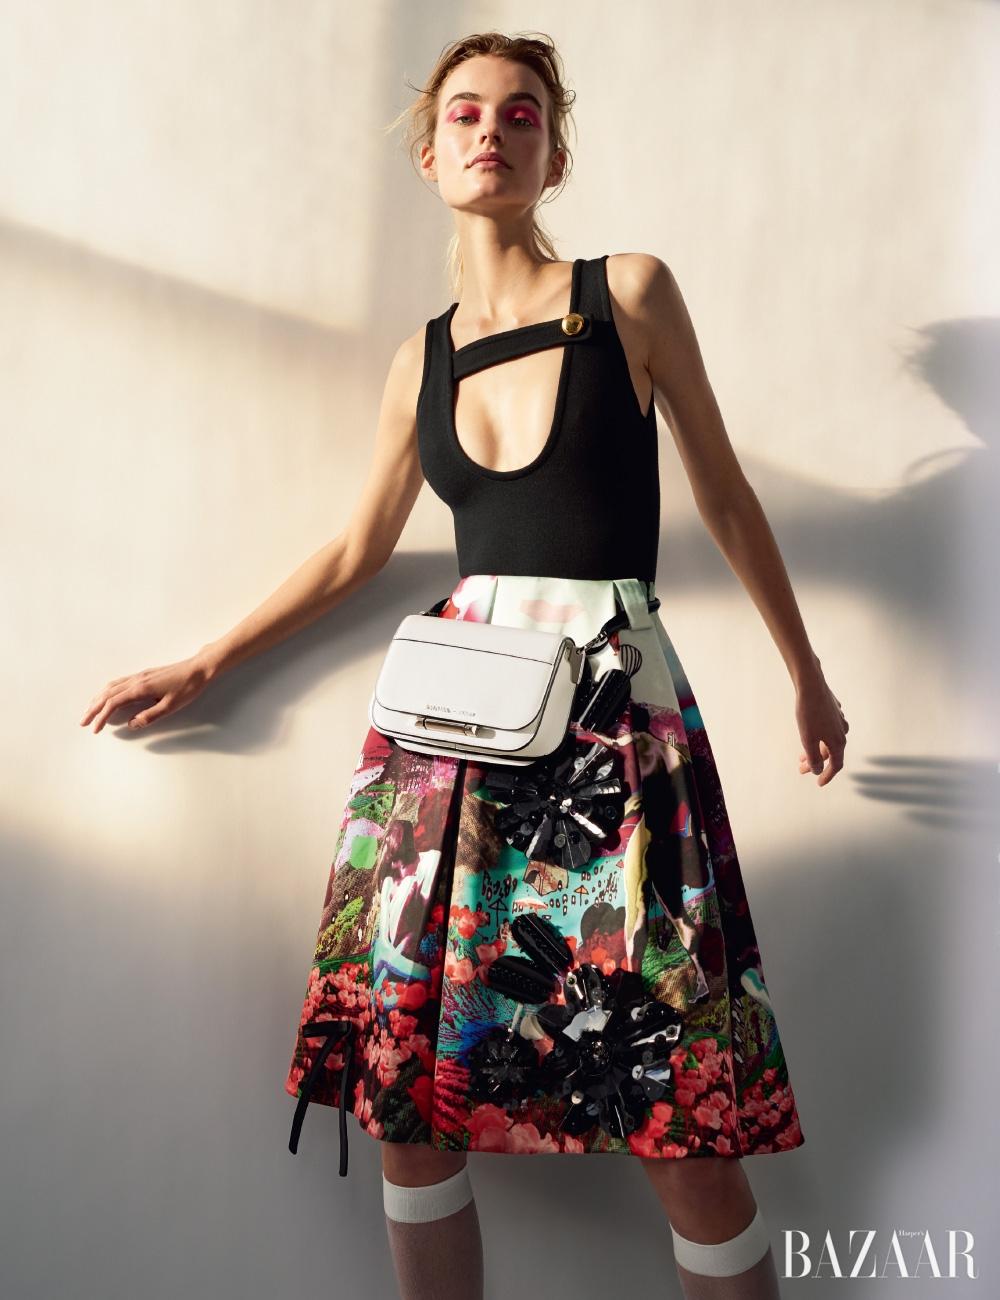 보디수트, 스커트, 니삭스, 허리에 감아 연출한 핸드백은 모두 Prada.